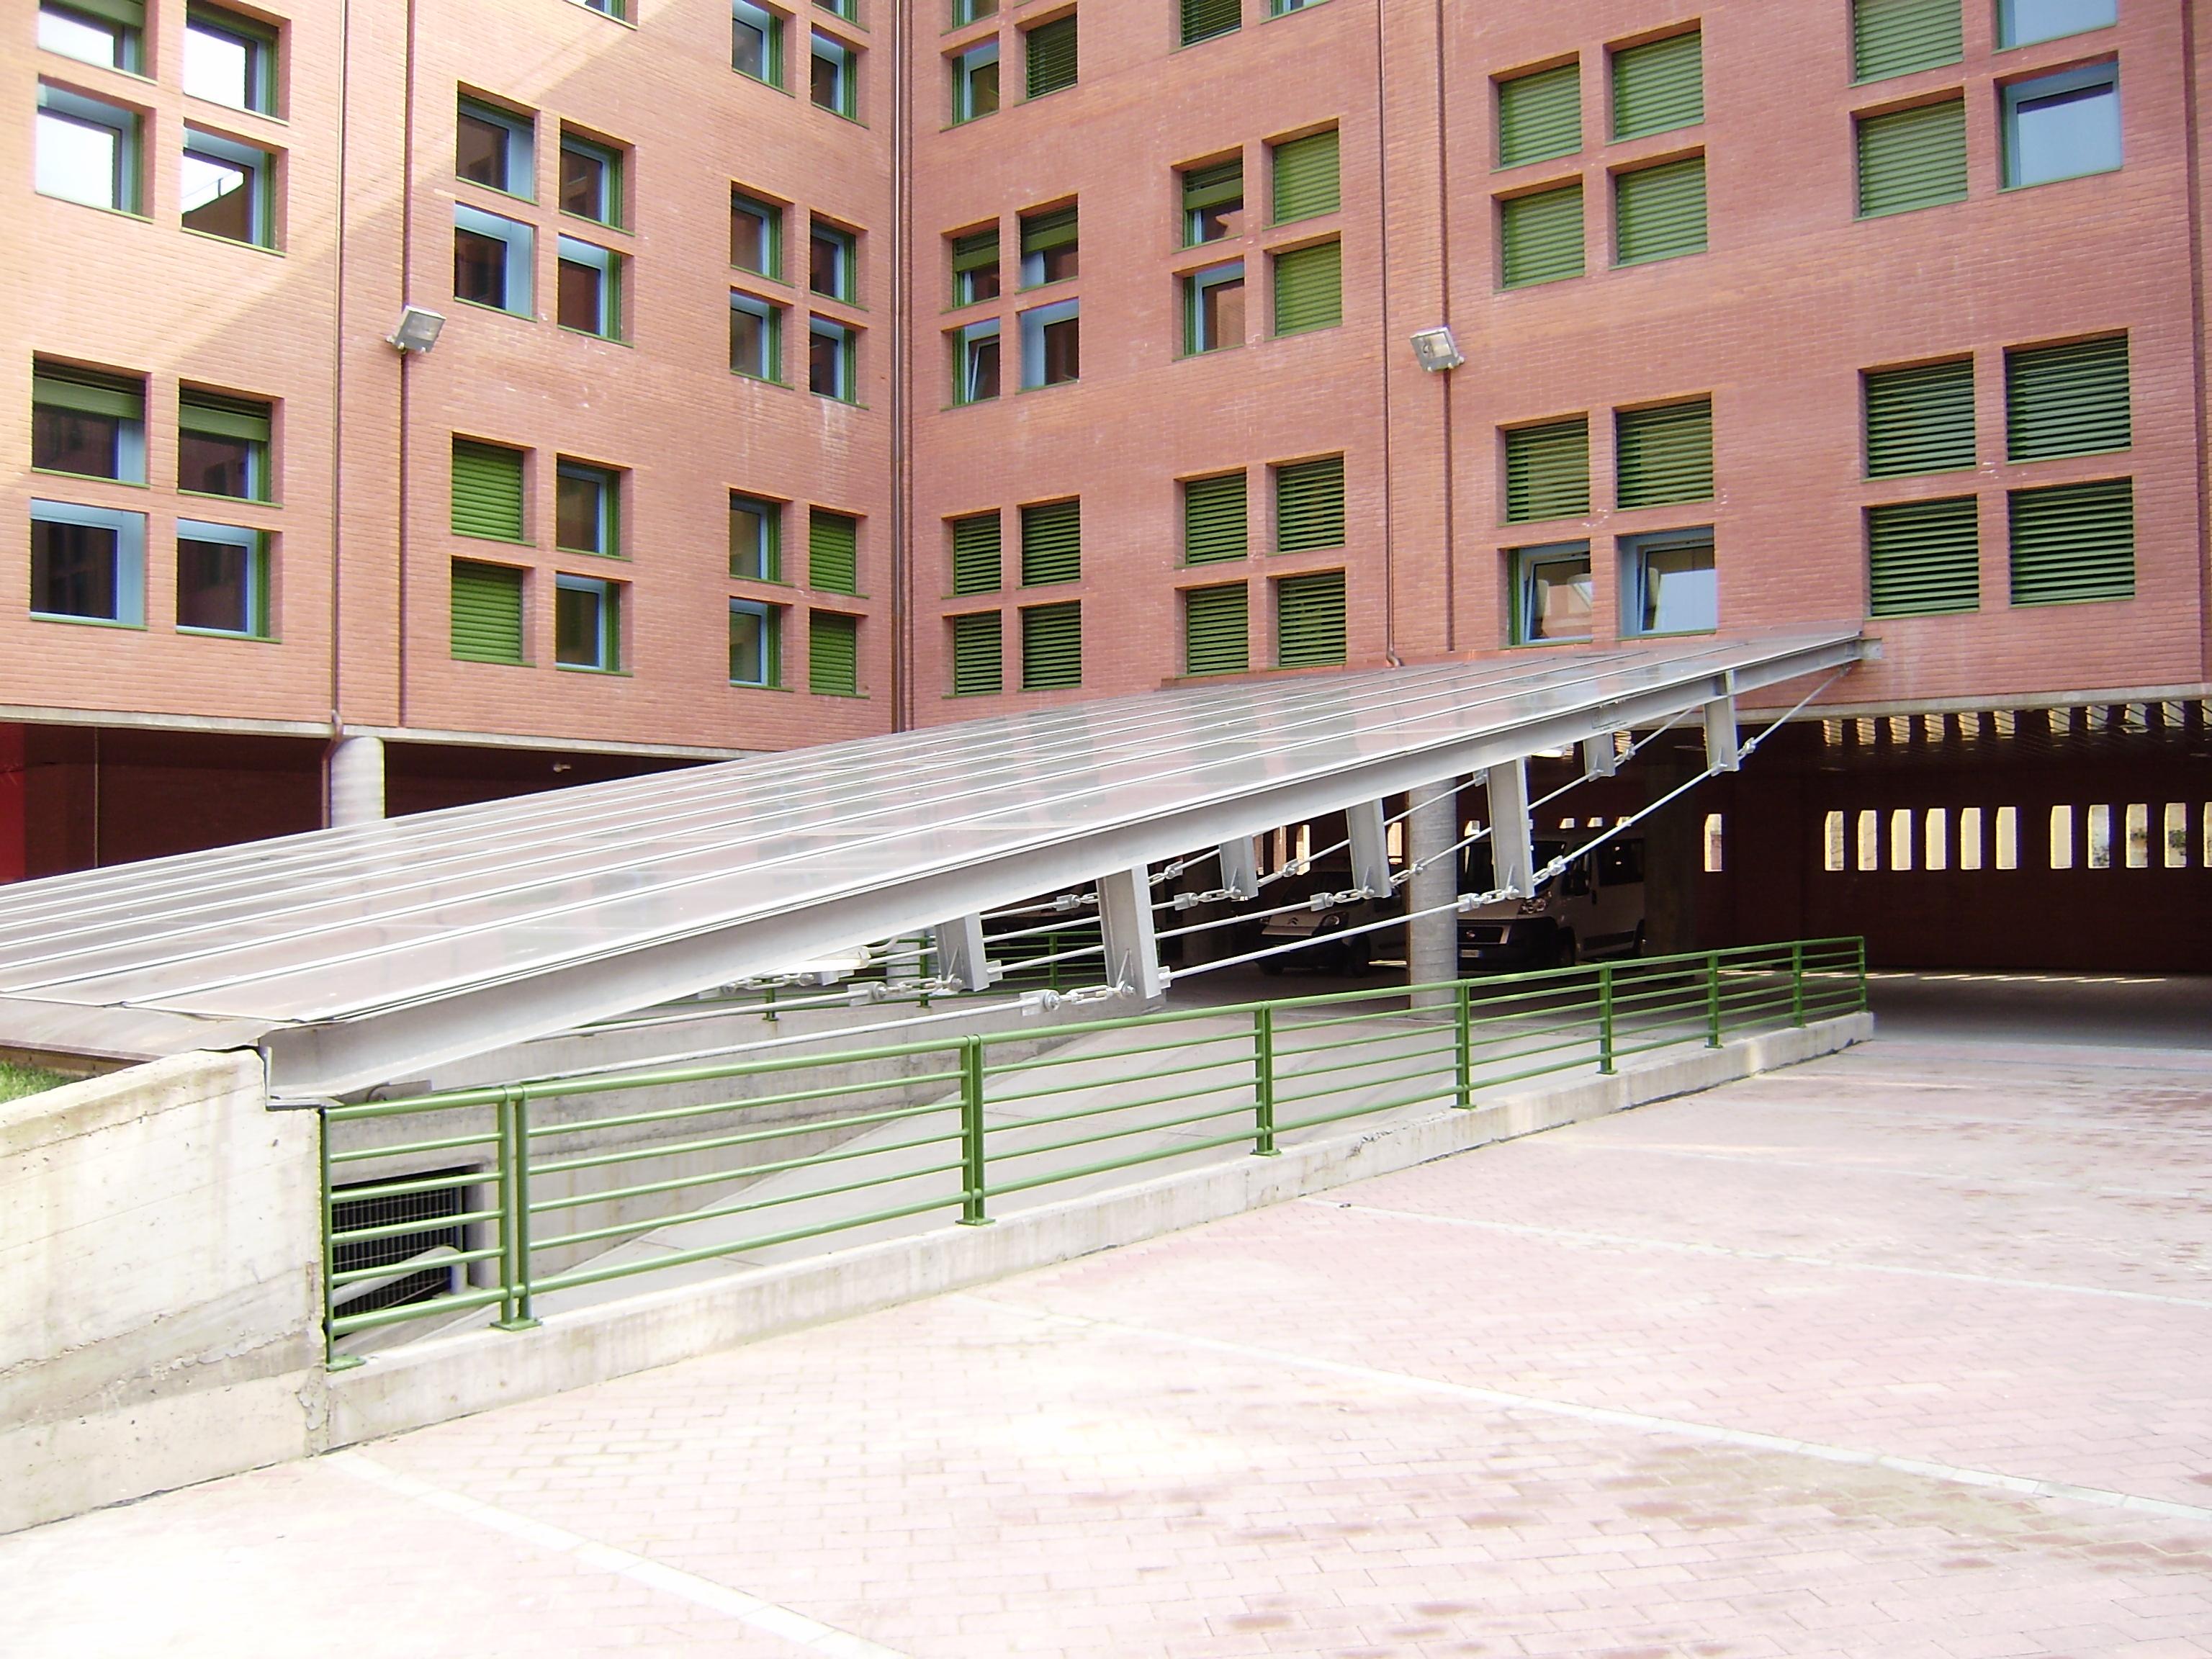 Distretto sanitario di chieri studio architettura torino for Piani di casa cortile interno